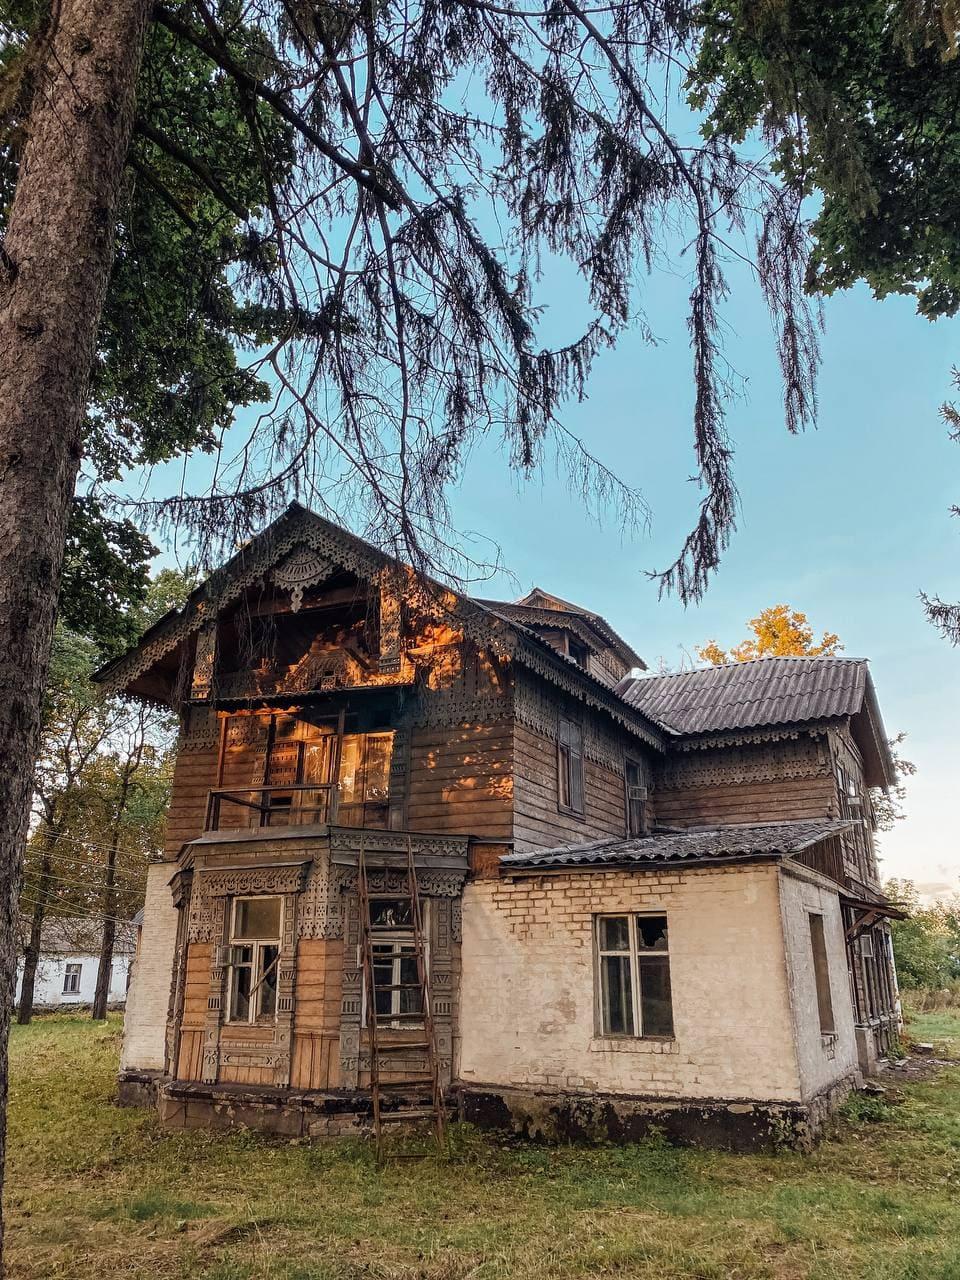 Стара дерев'яна дача Максимовича в Боярці.